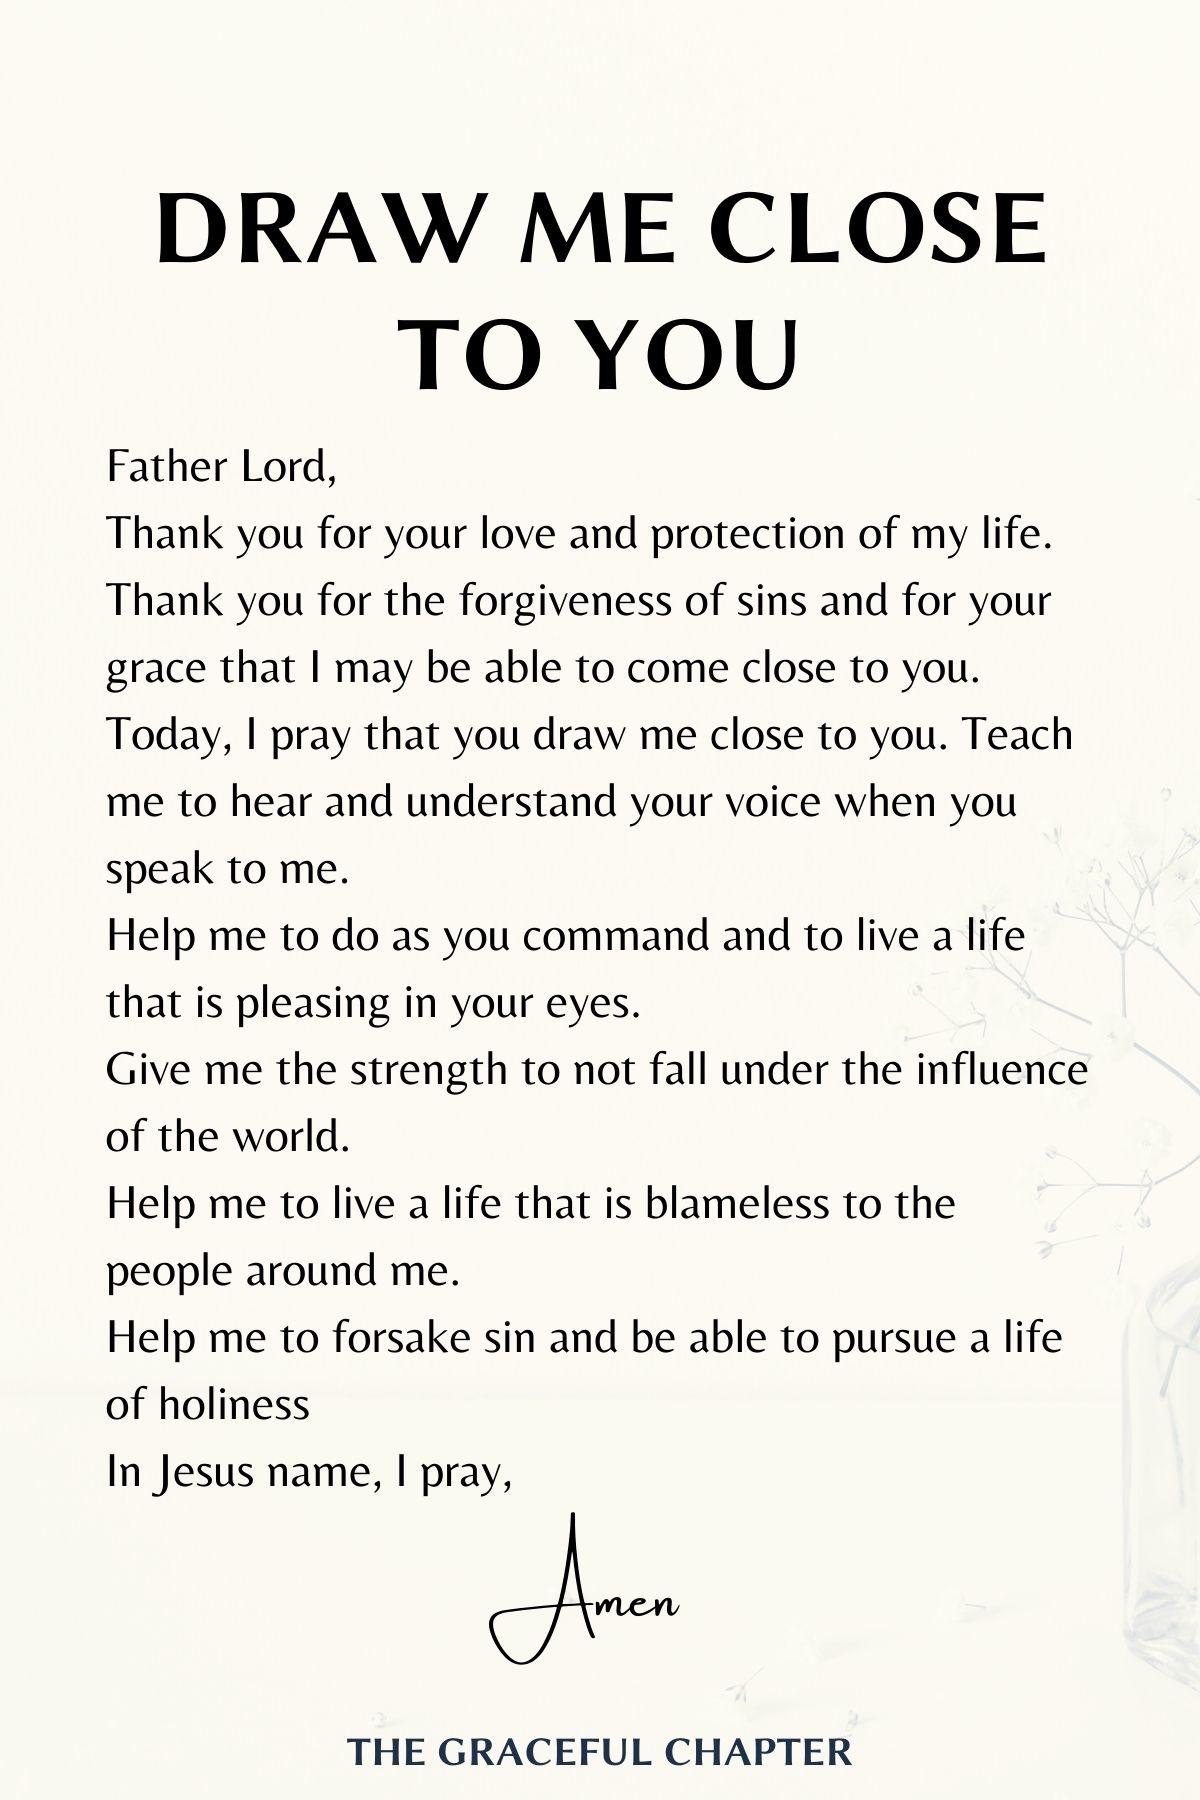 Draw me close to you prayer